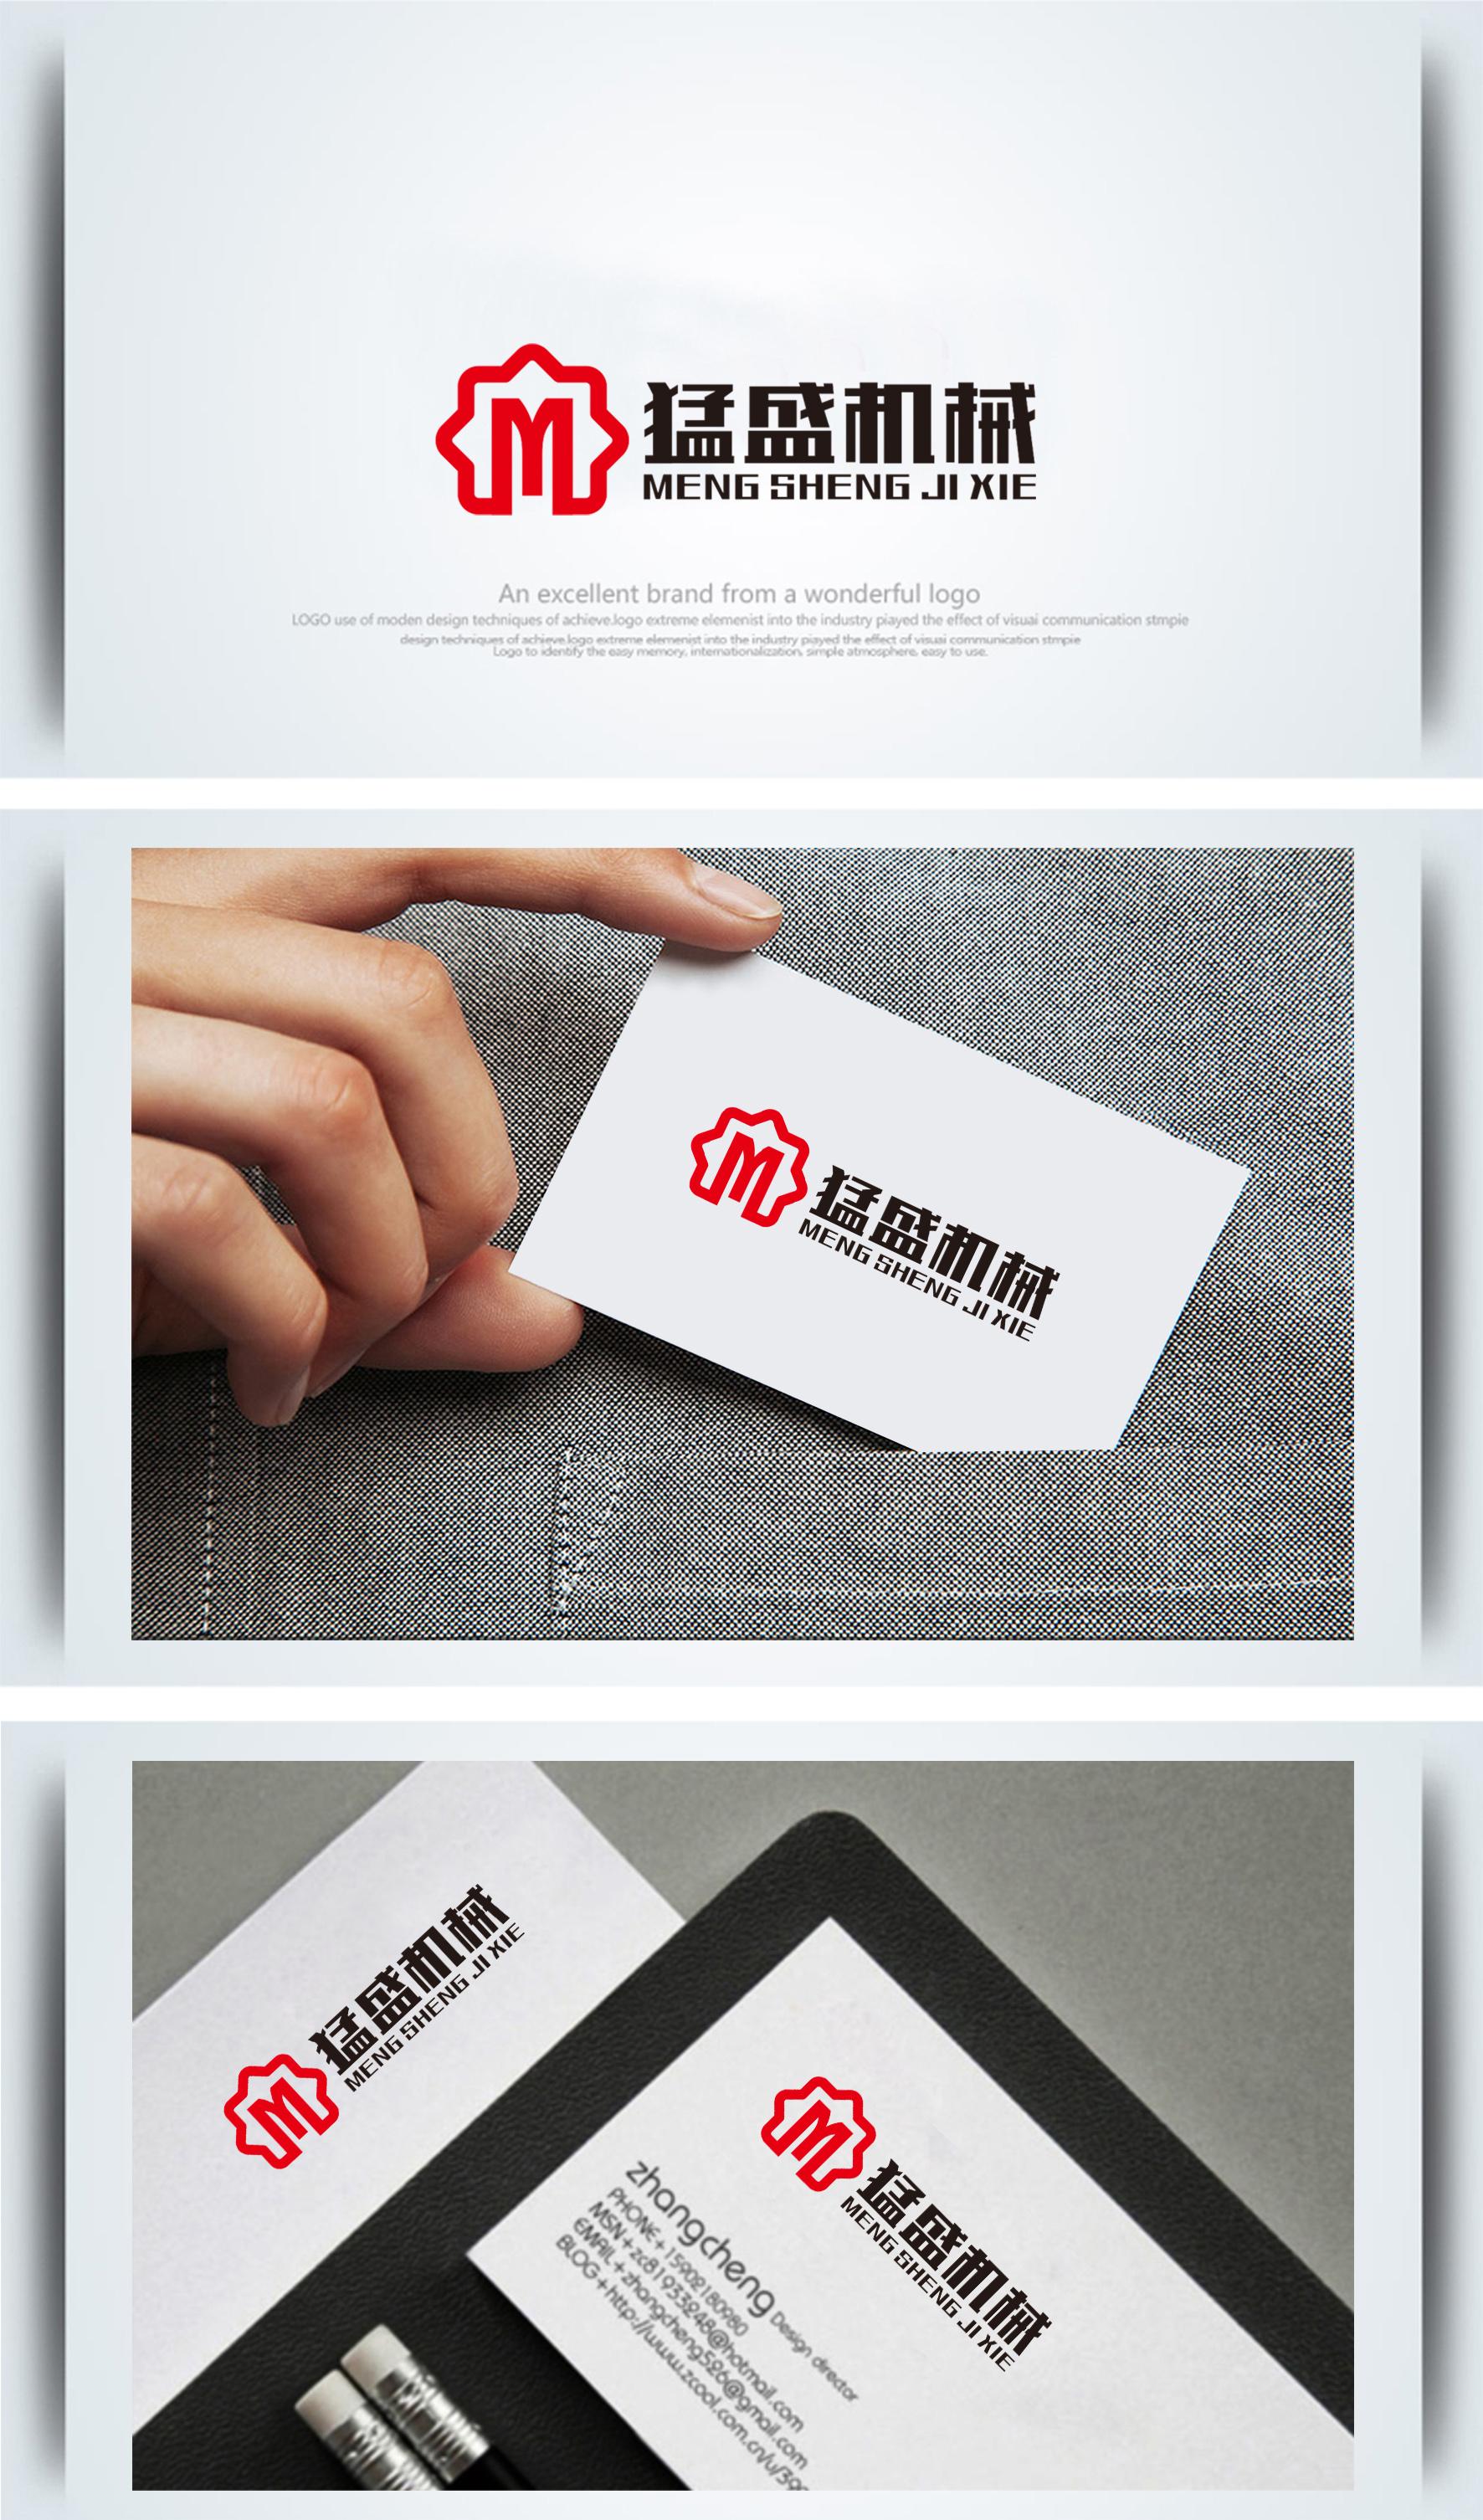 上海猛盛机械科技公司LOGO、广告语_2965994_k68威客网